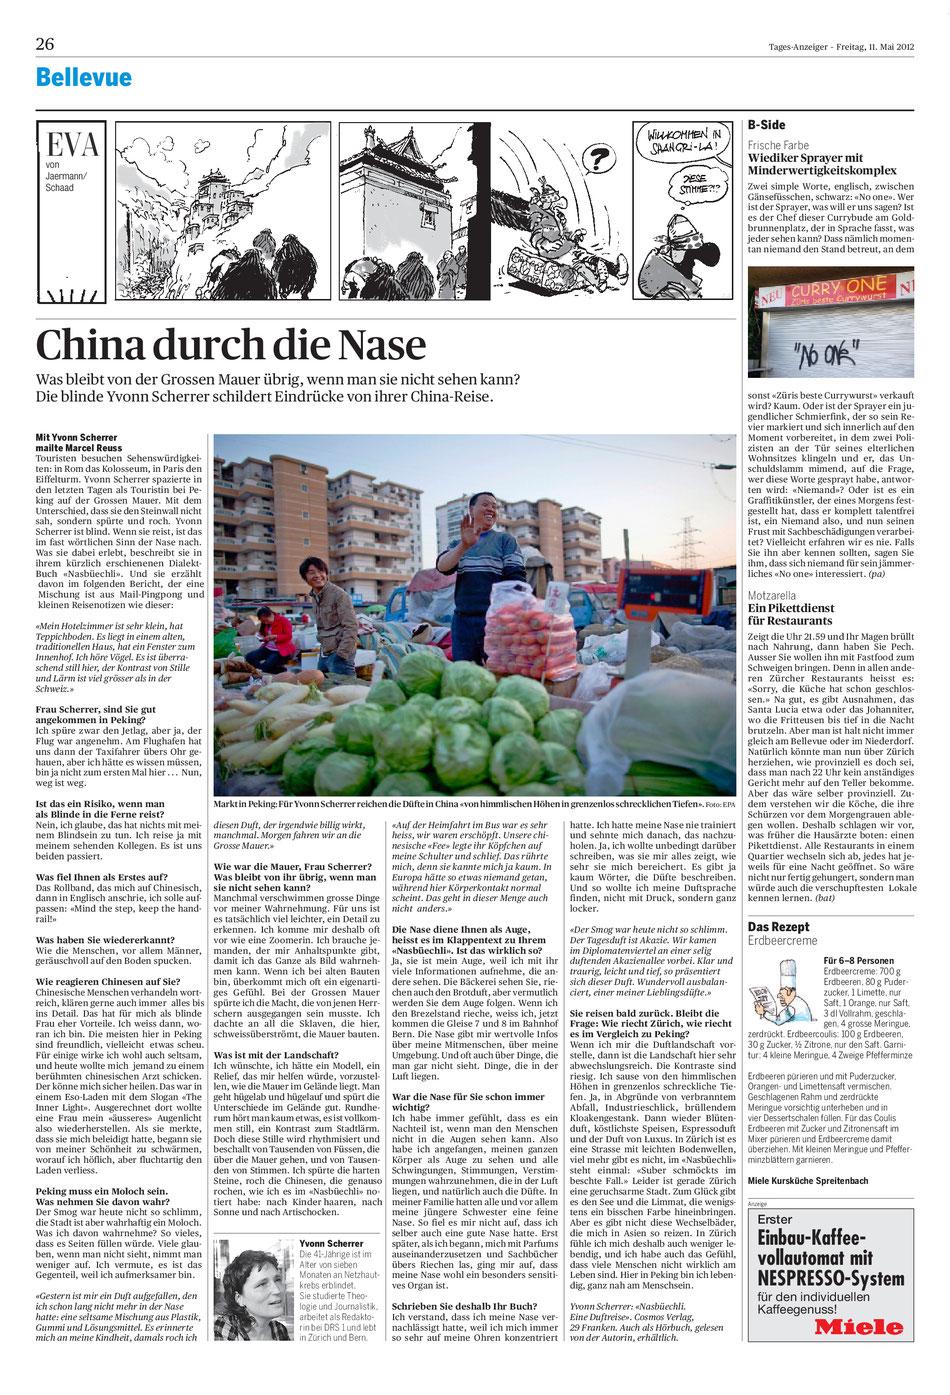 Artikel vom 11. Mai 2012 im Tagesanzeiger